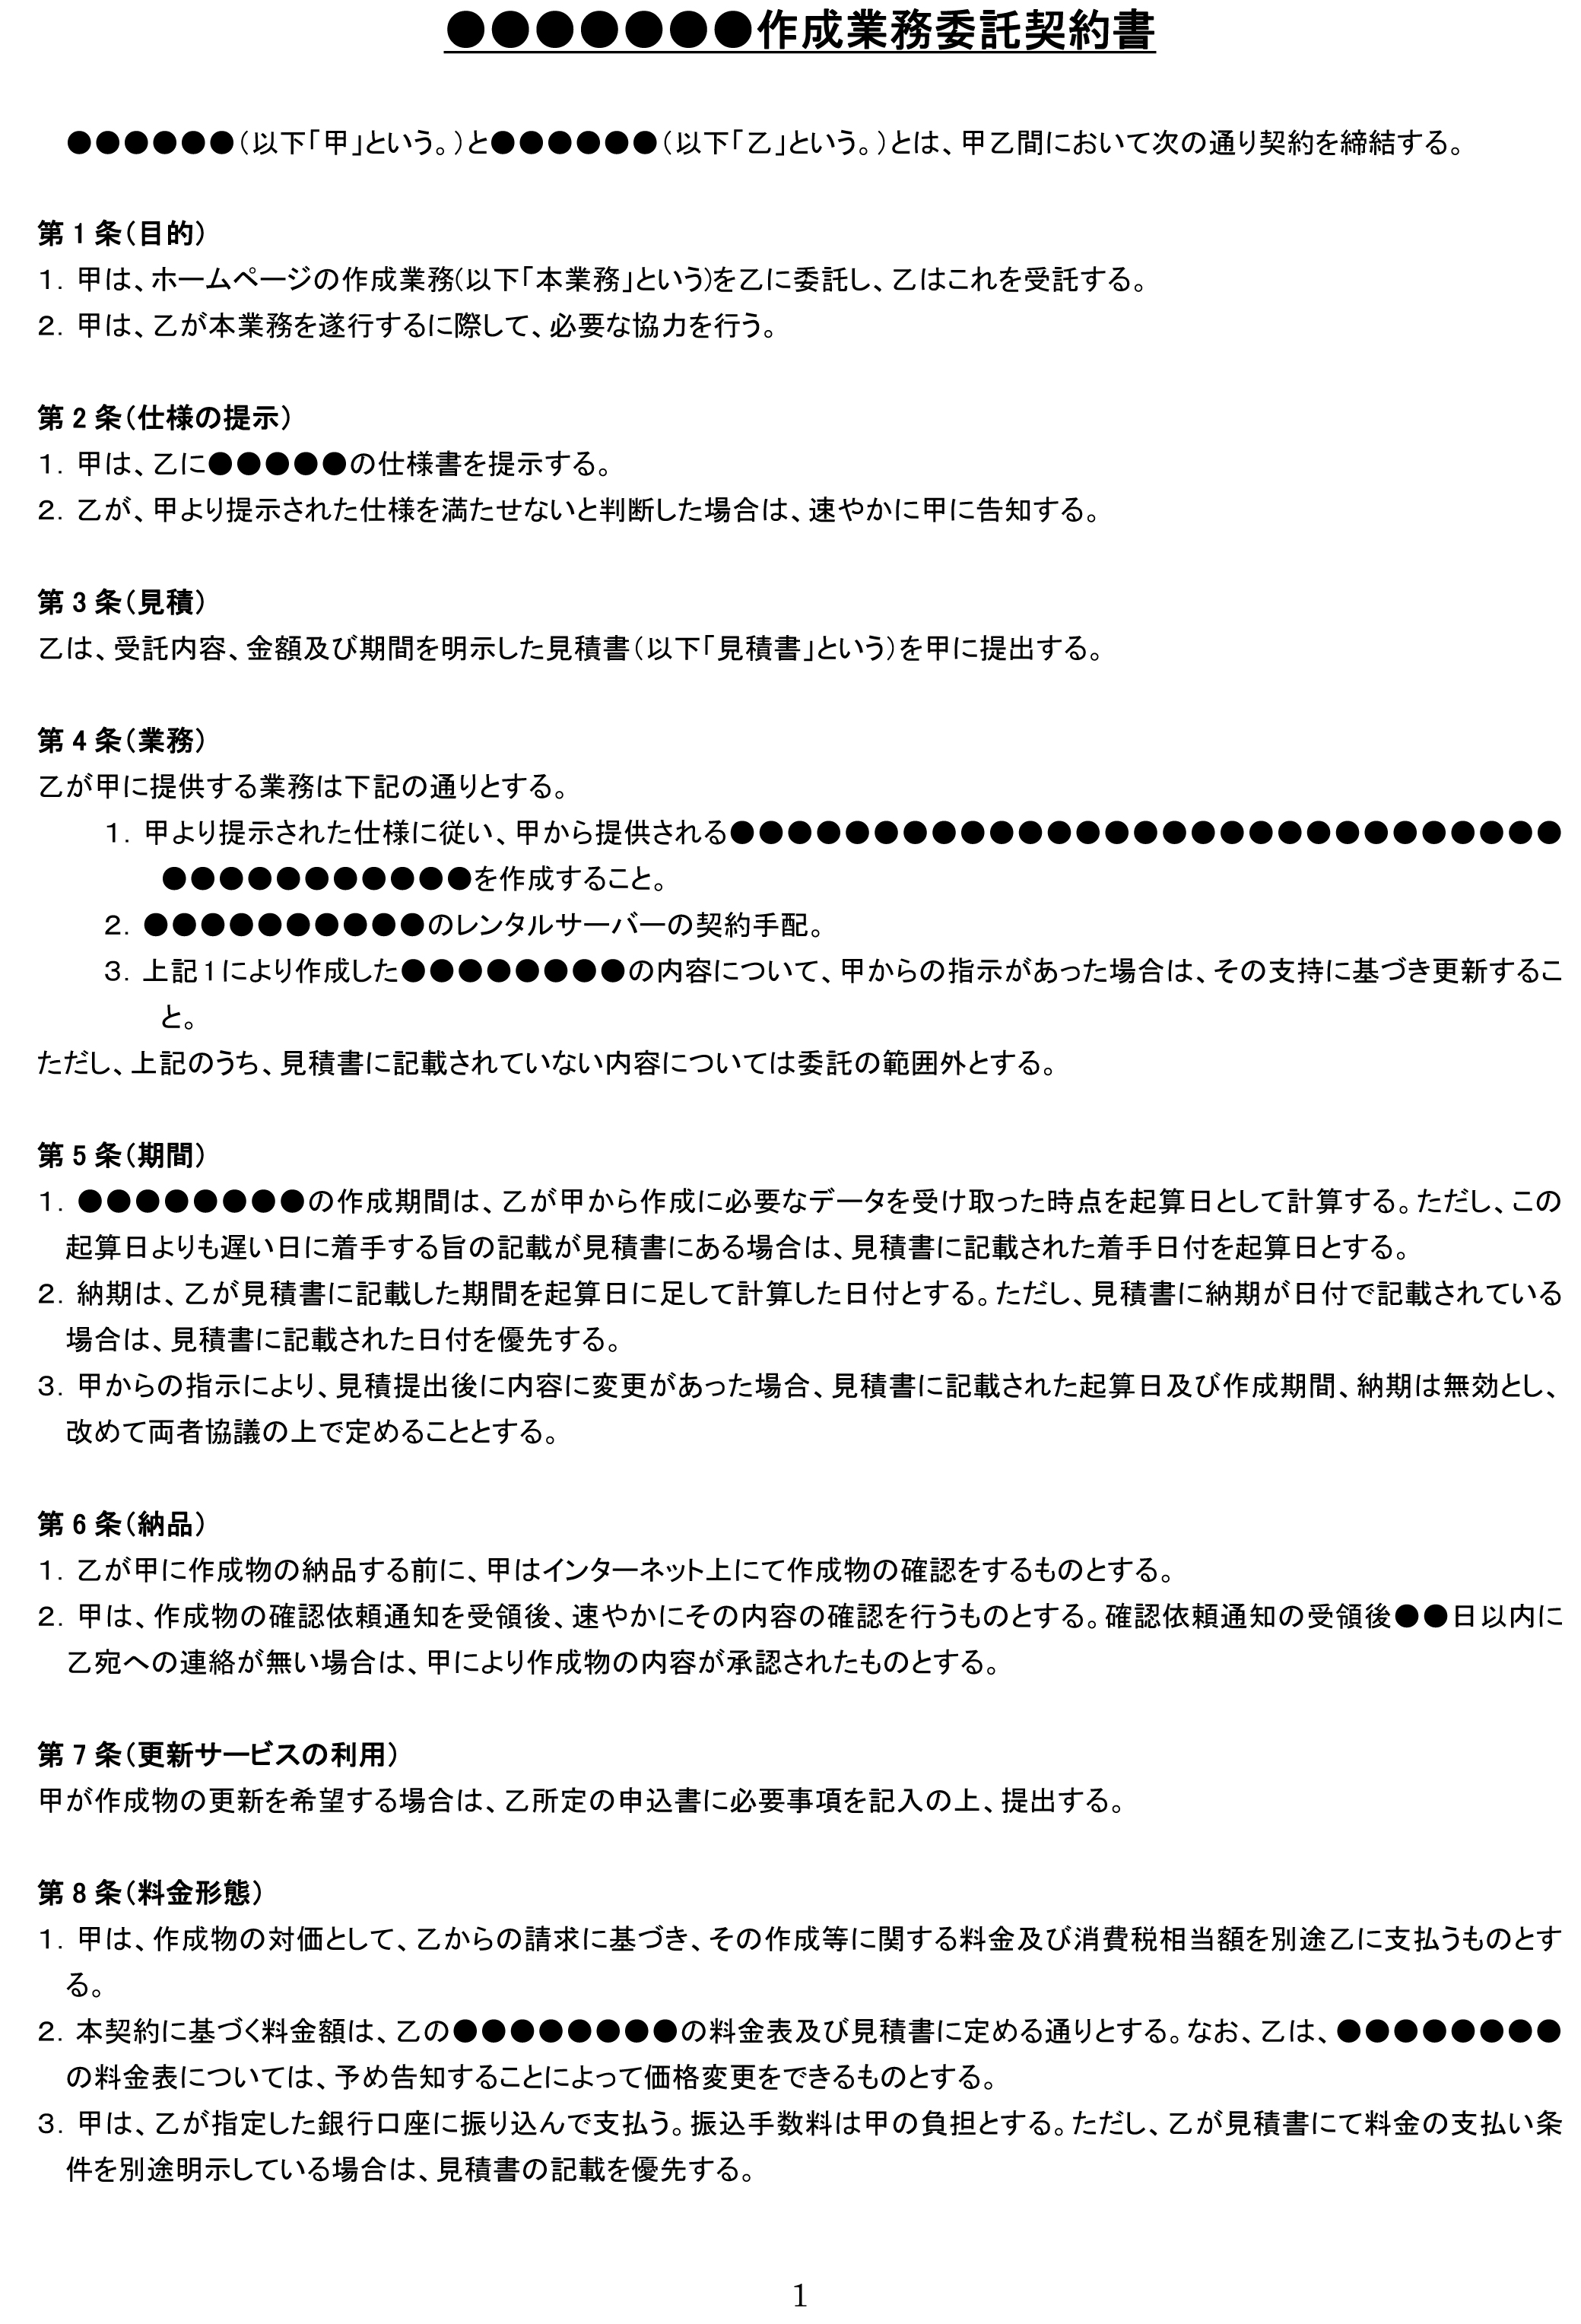 業務委託契約書_5